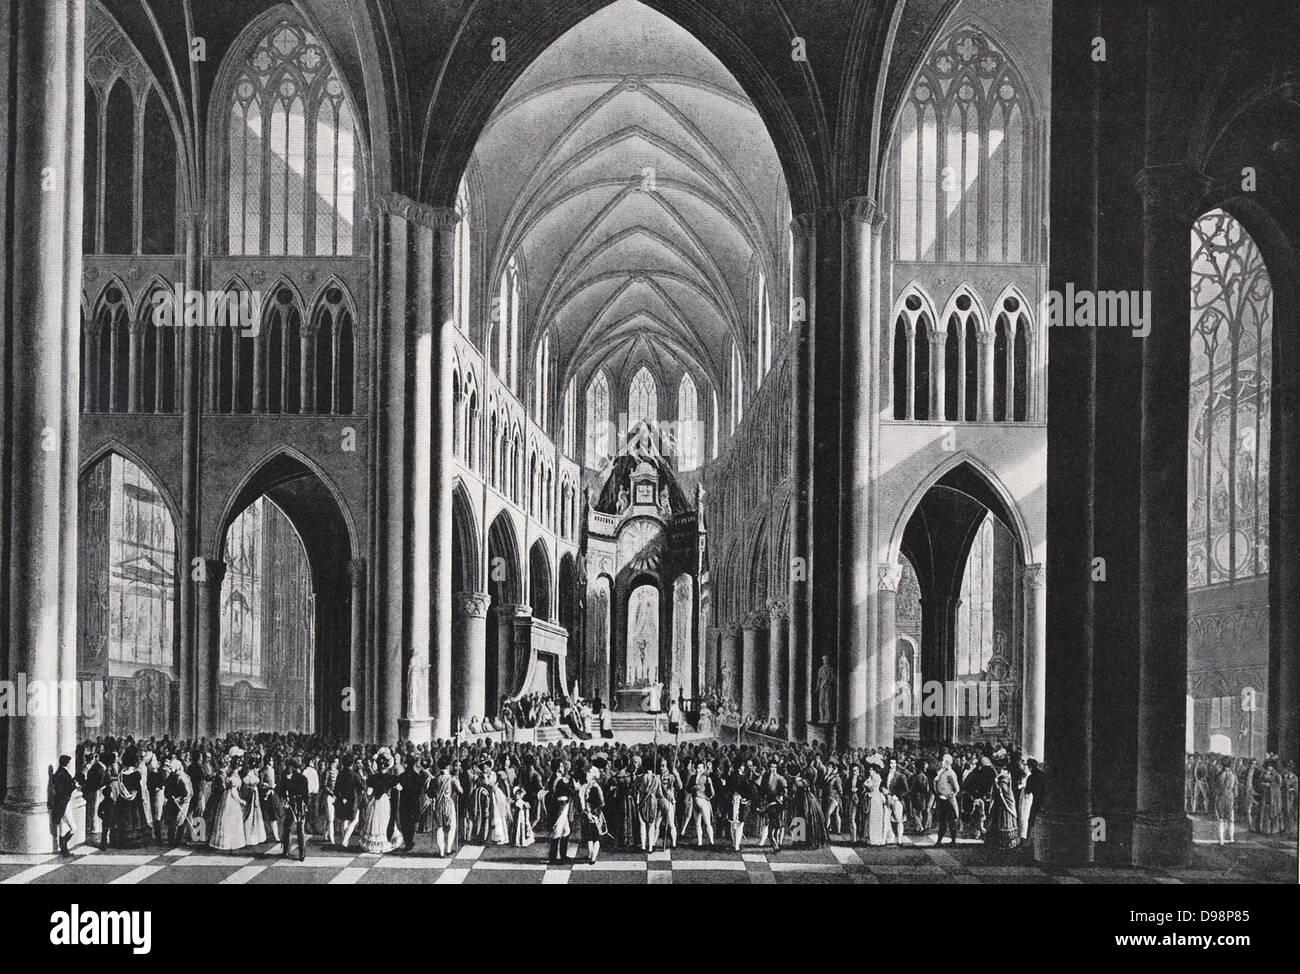 Te Deum pública celebrada para la inauguración del rey Guillermo I de los Países Bajos en Bruselas1815. Imagen De Stock